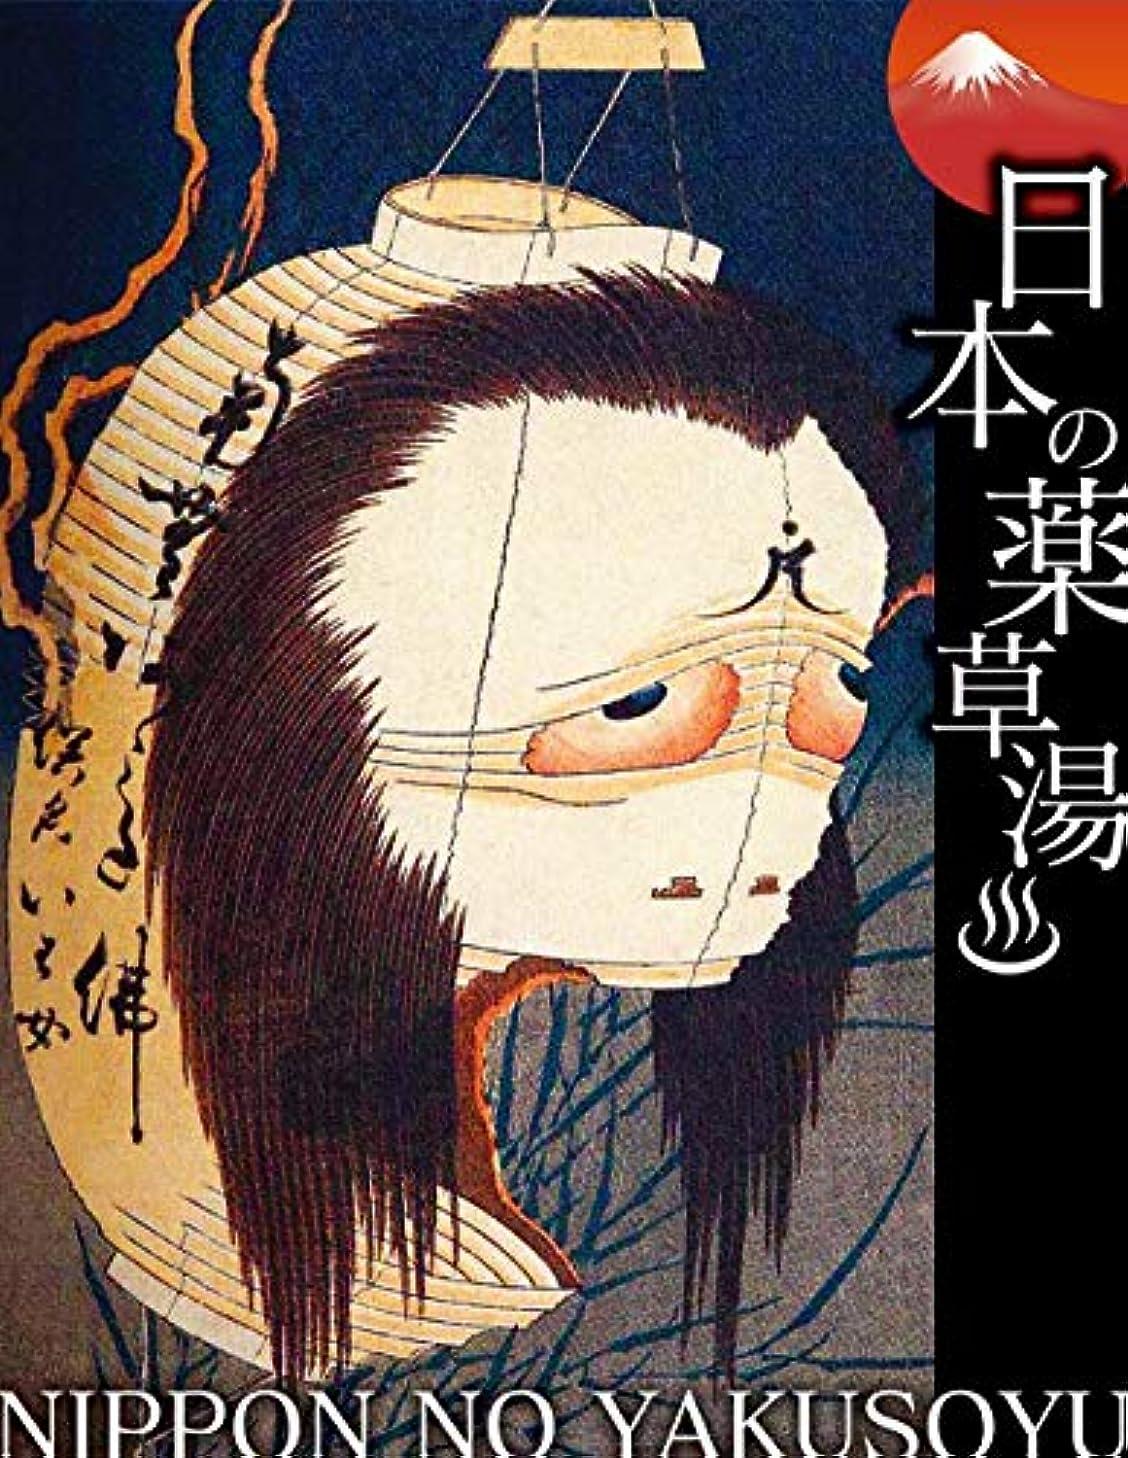 ハイブリッド勧めるにおい日本の薬草湯 百物語お岩さん